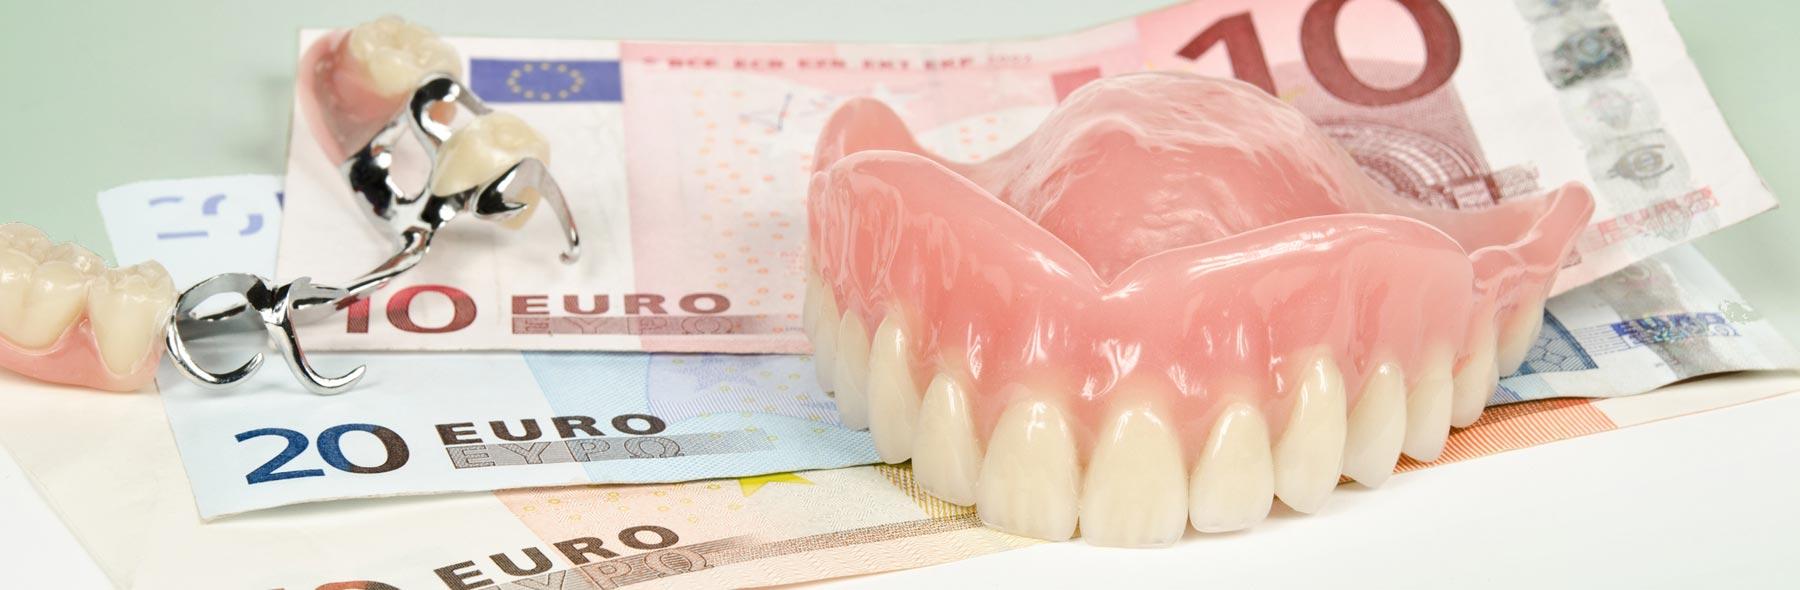 Bei Zahnersatz und aufwendigen Eingriffen ermöglichen wir die Zahlung des Eigenanteils in Raten